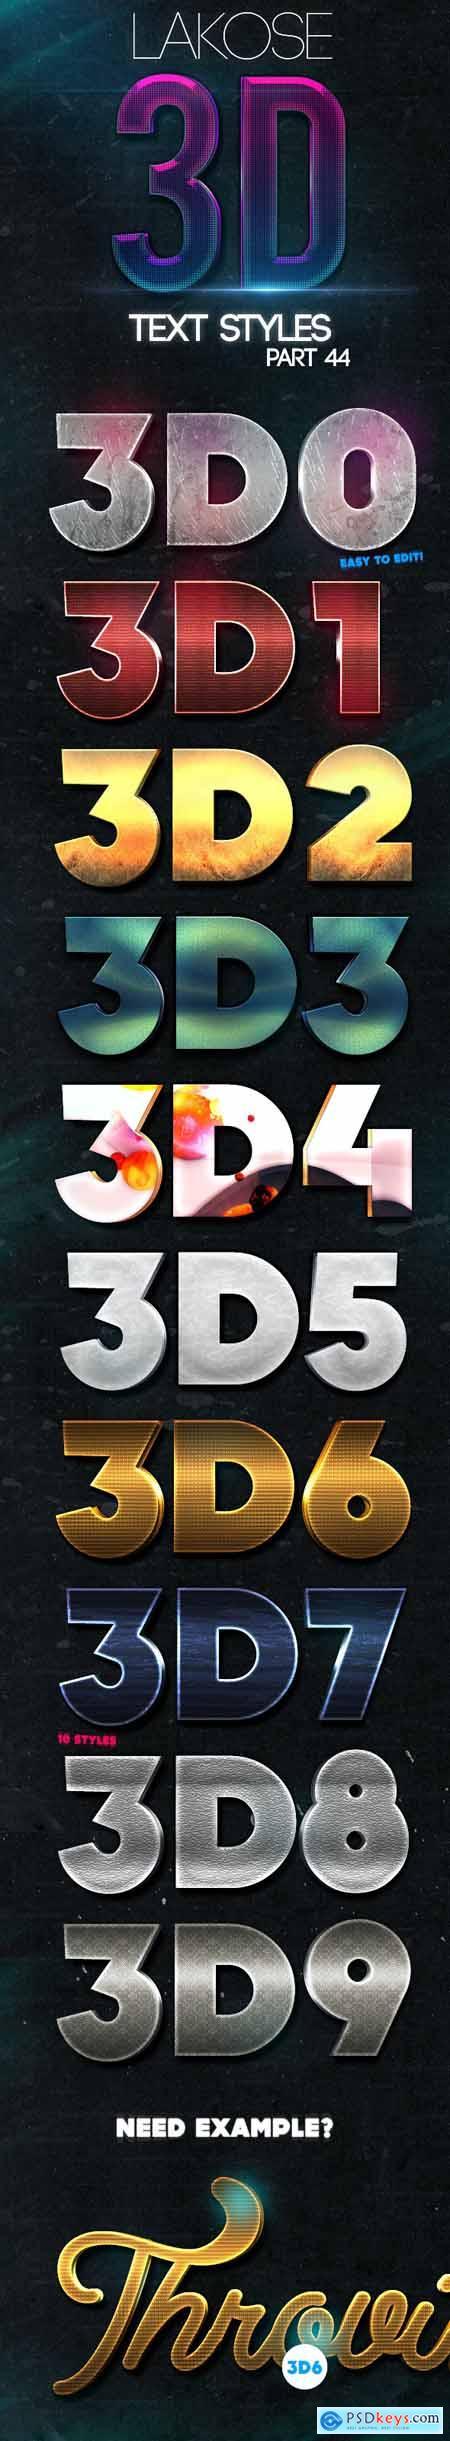 Lakose 3D Text Styles Part 44 23320161